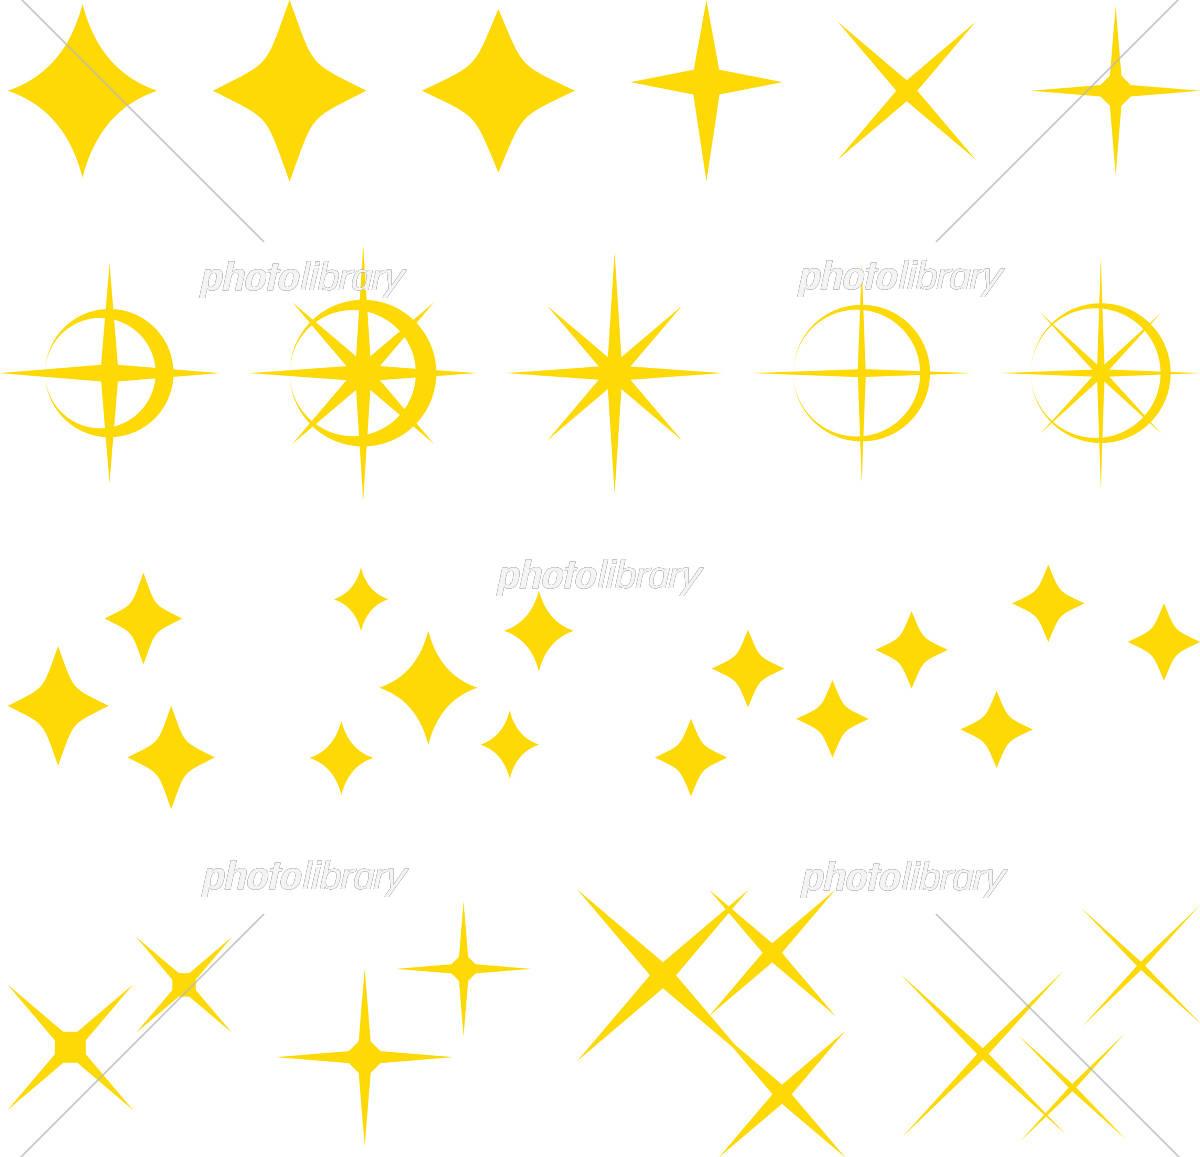 キラキラ 輝きのイラストセット イラスト素材 5560905 フォト